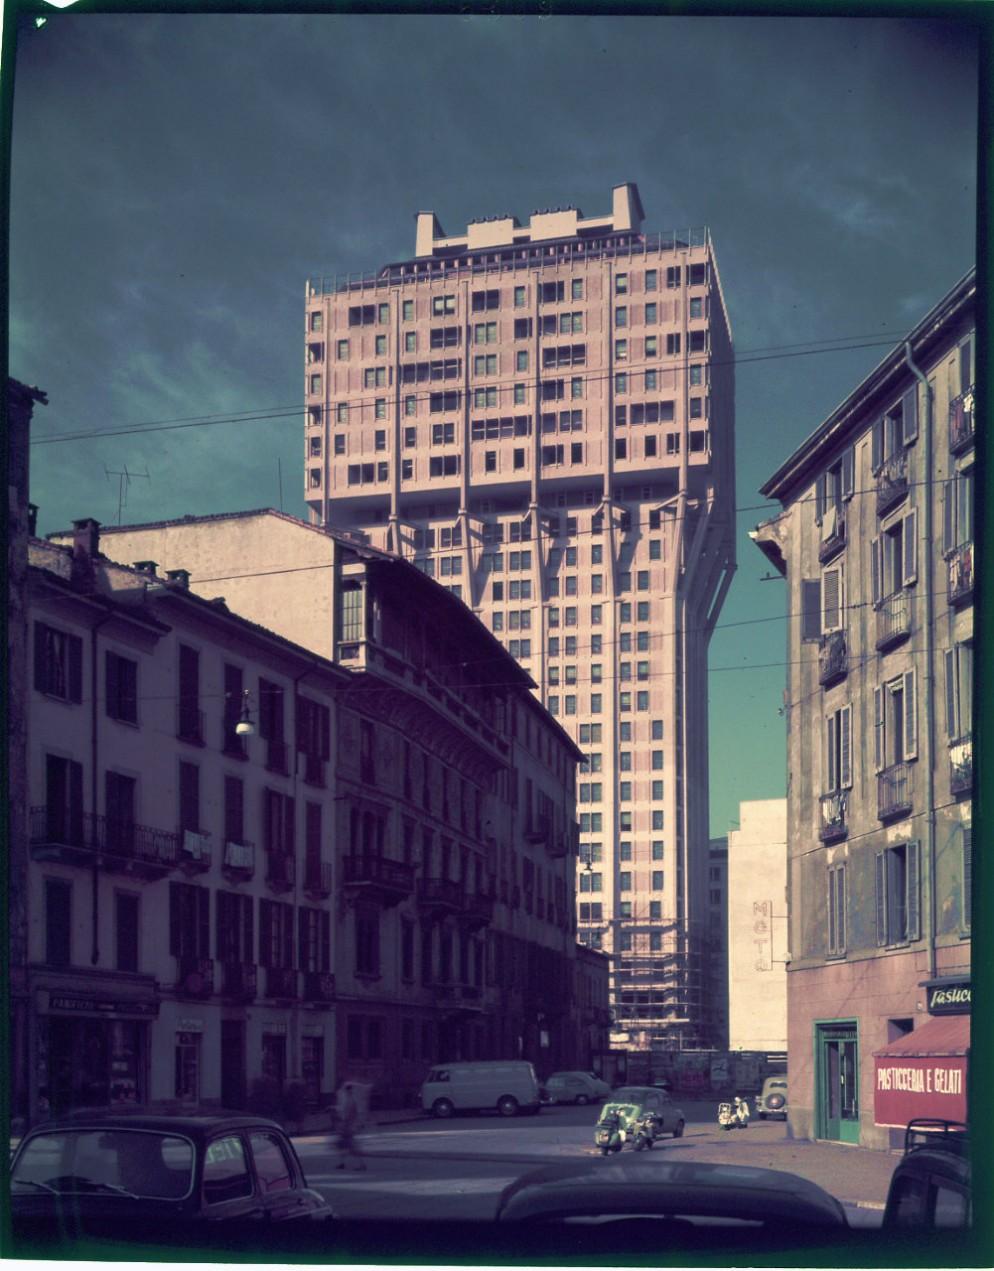 Paolo_Monti_Servizio_fotografico_Milano_1960_BEIC_6338828